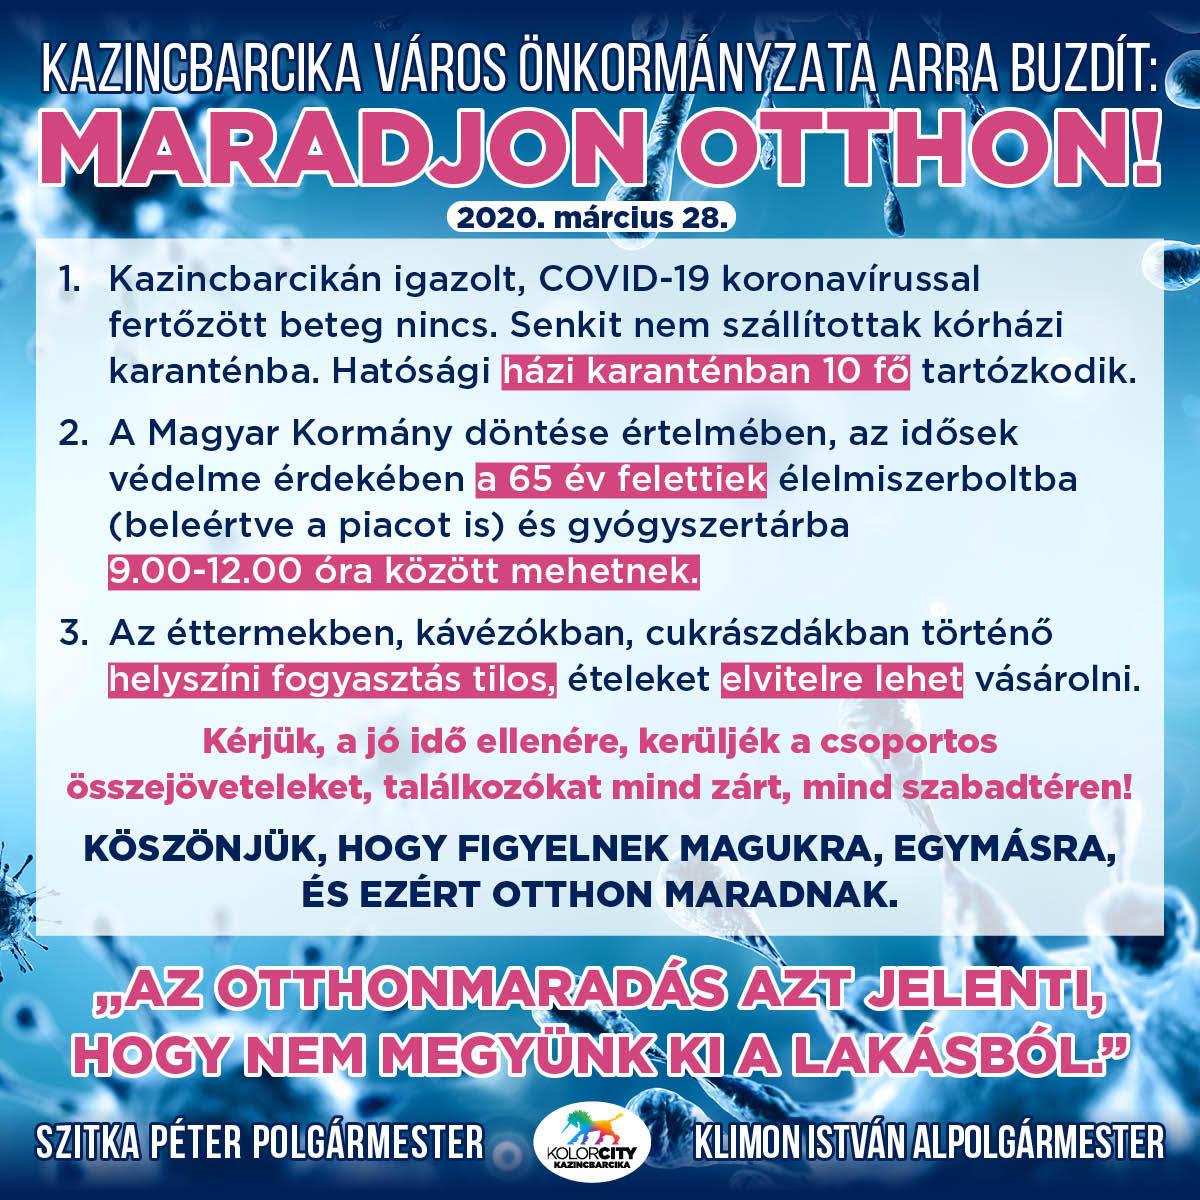 https://kolorline.hu/Kazincbarcika Város Önkormányzata arra buzdít: Maradj otthon! – 2020. március 28.